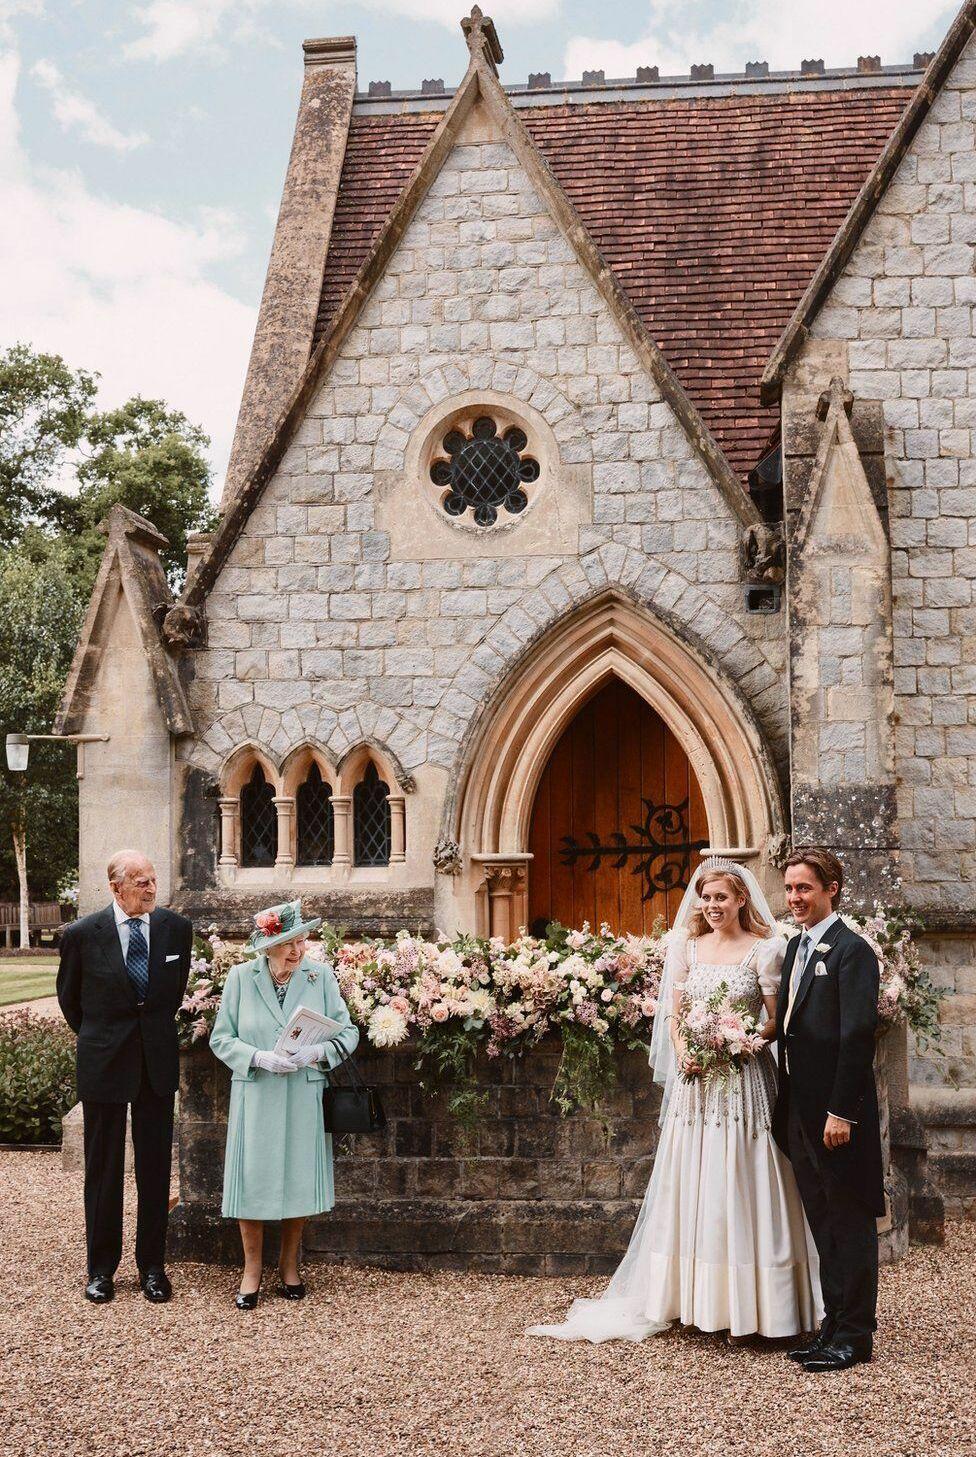 Mariage de la prince Beatrice d'York avec Edoardo Mapelli Mozzi, le 17 juillet 2020, en présence de la reine Elizabeth II et du prince Philip